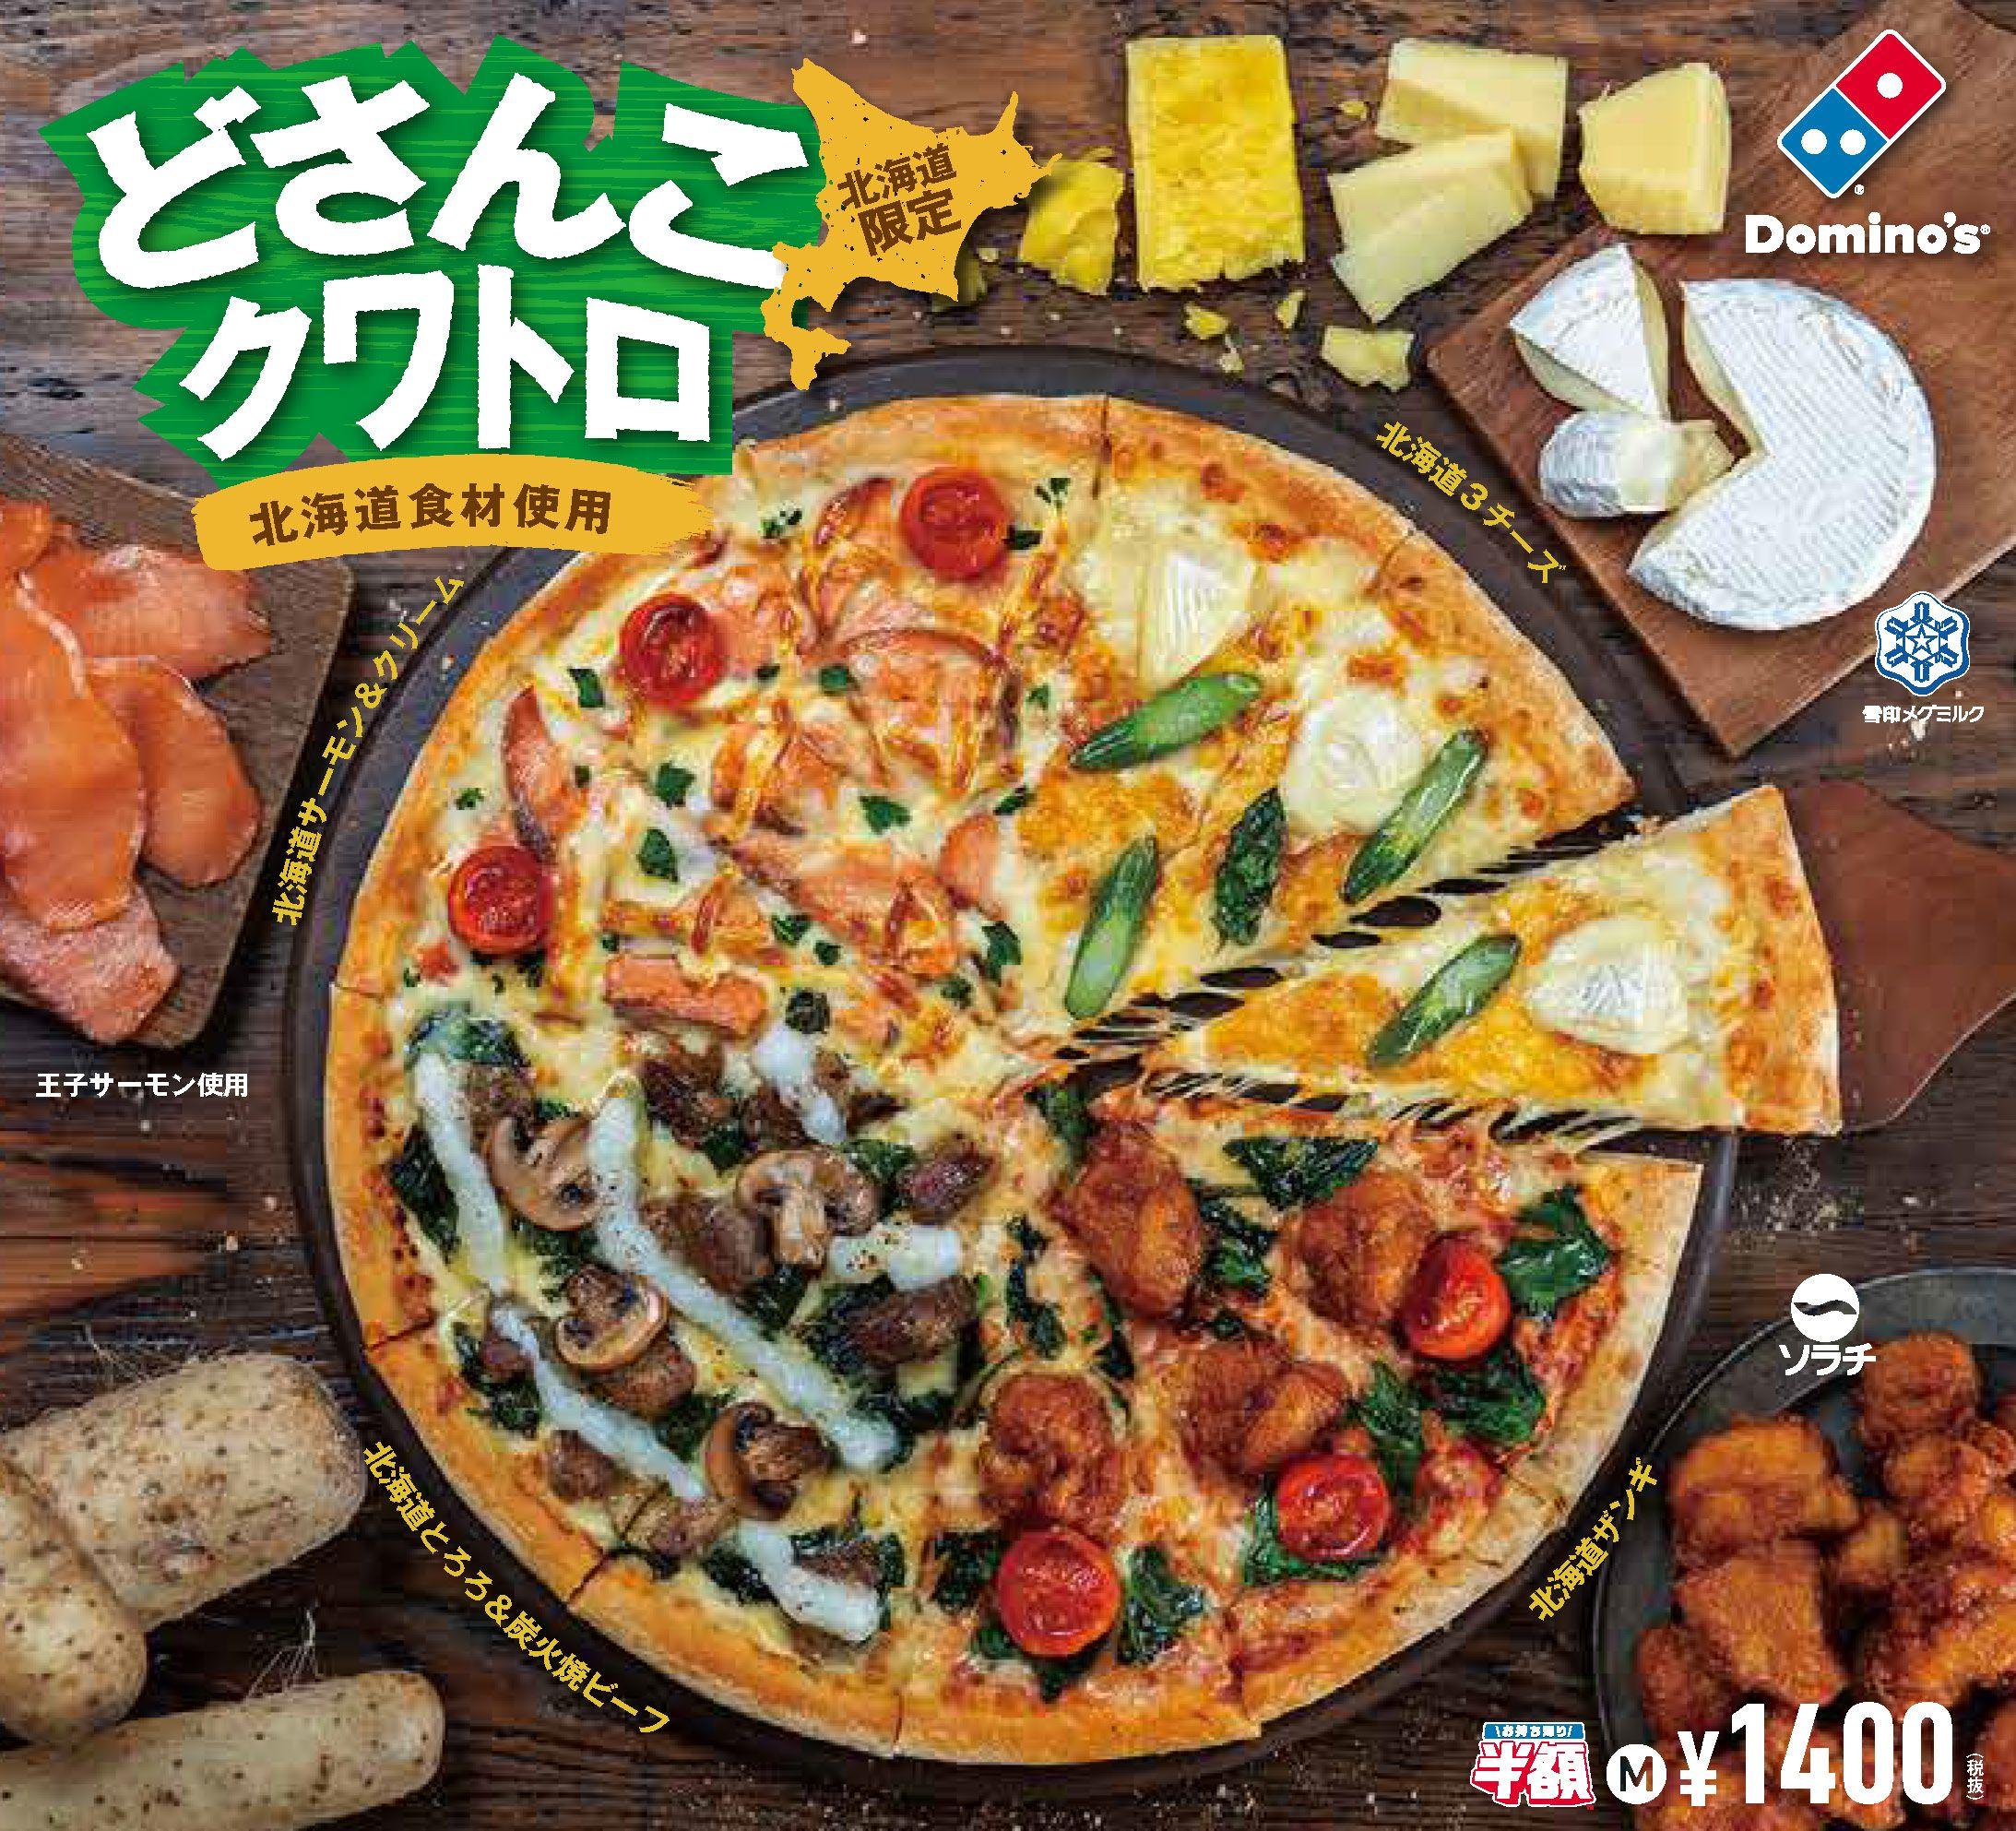 ドミノ・ピザが北海道に10年ぶり再上陸!札幌市内に3店舗オープン